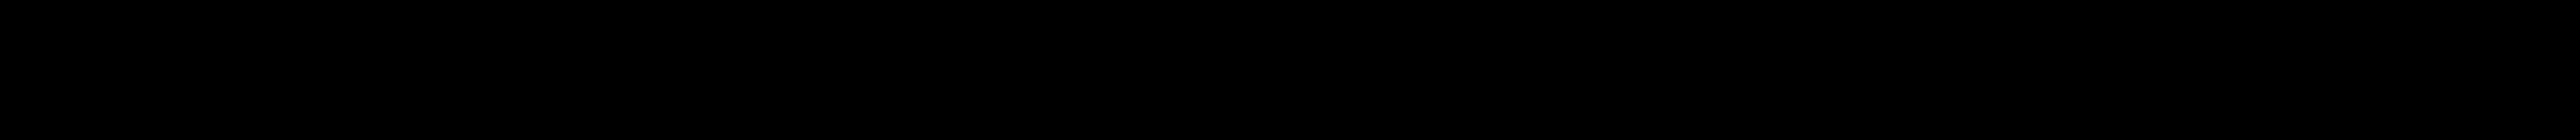 YWFT Formation Ultra Bold